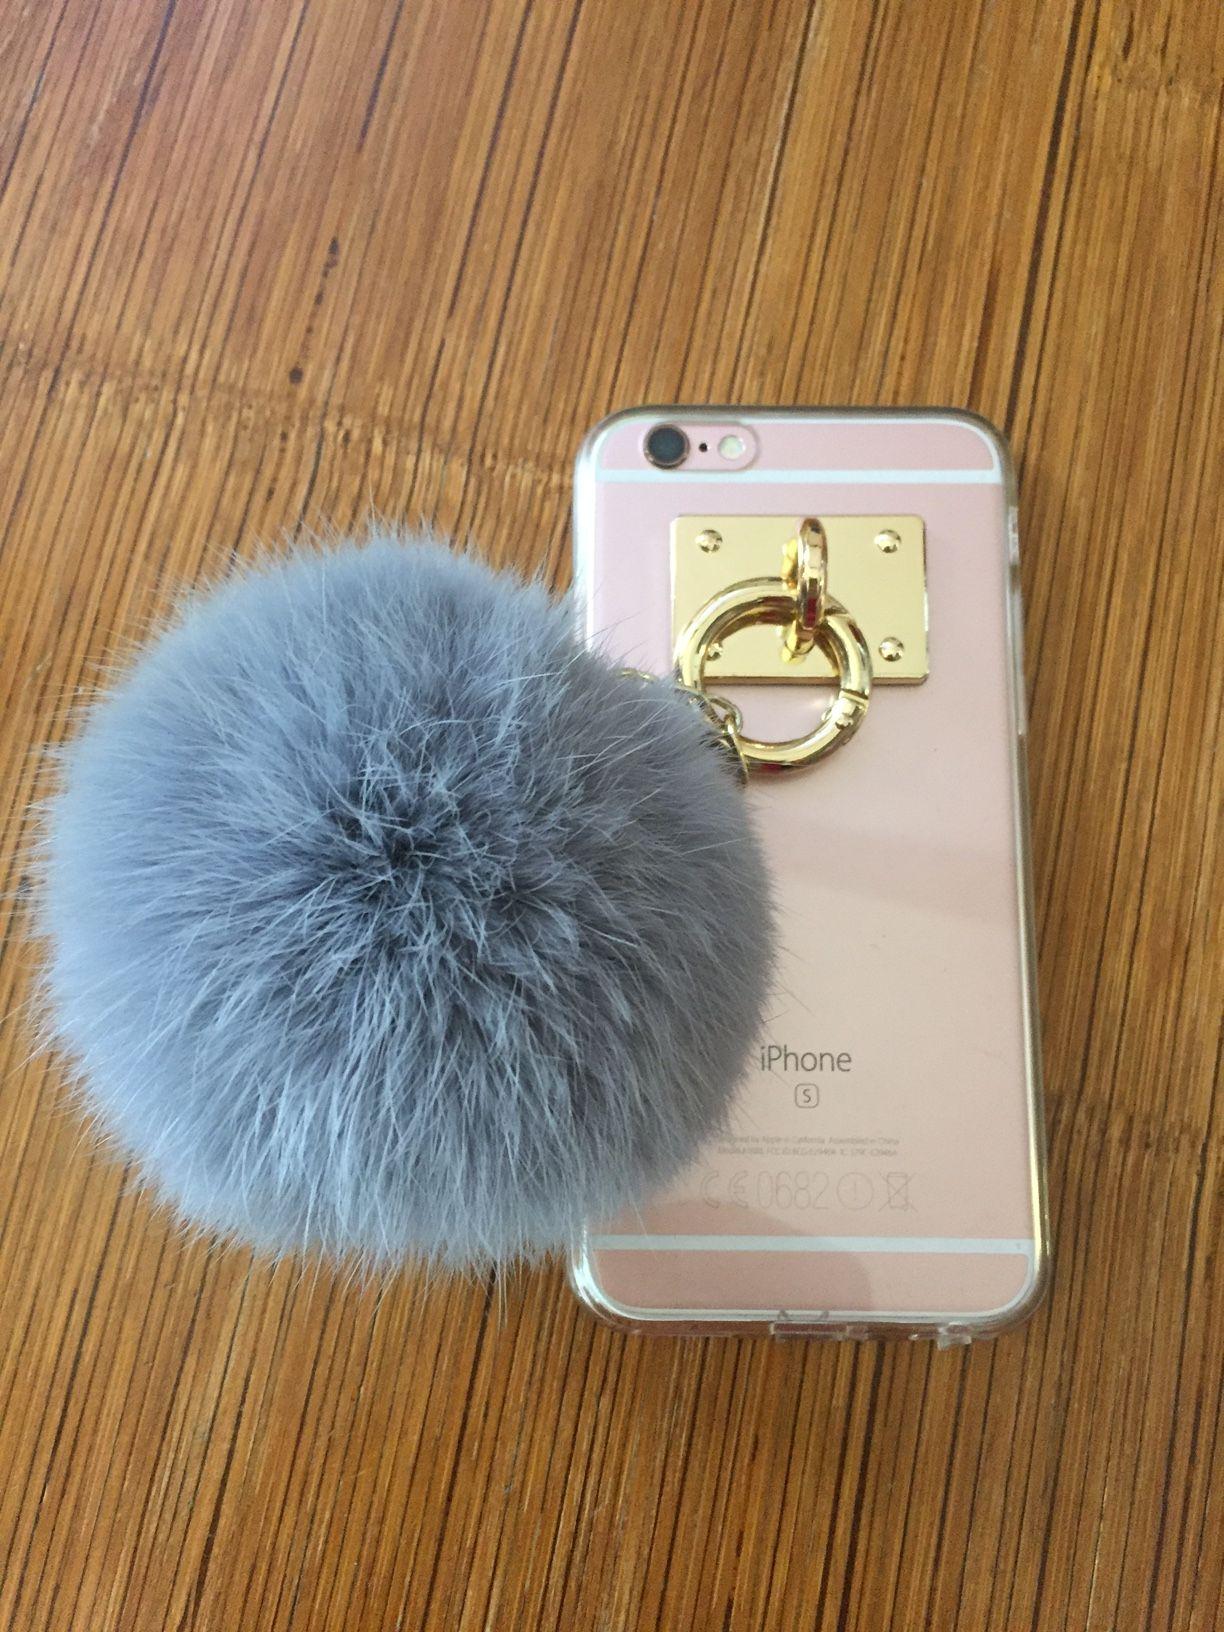 Coque d'iPhone6  Concept Store de l'Hôtel de Beauté 01 85 36 01 80